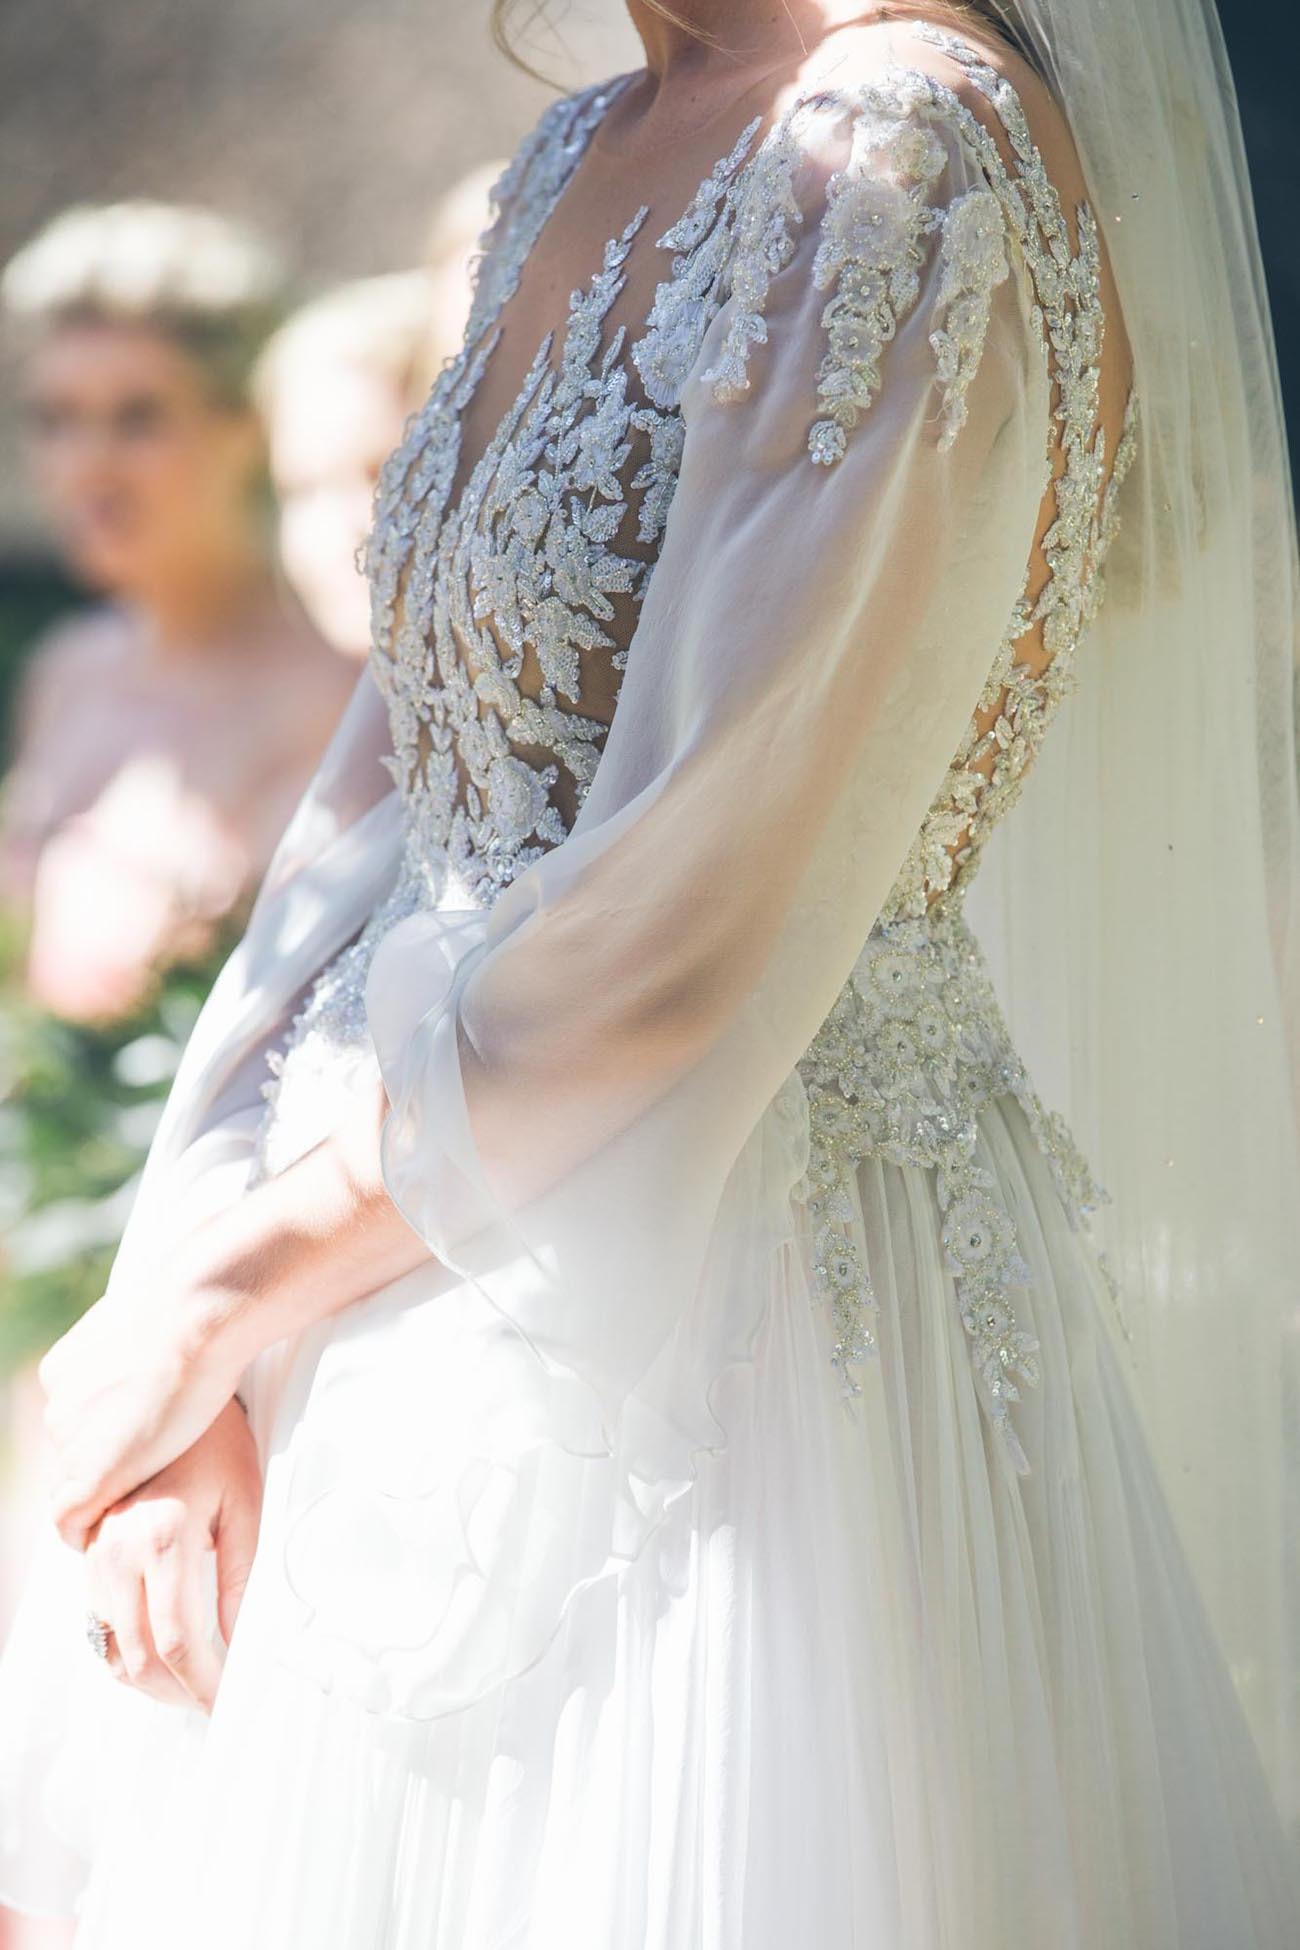 Zuhair Murad Lace Wedding Gown | Credit: Shanna Jones